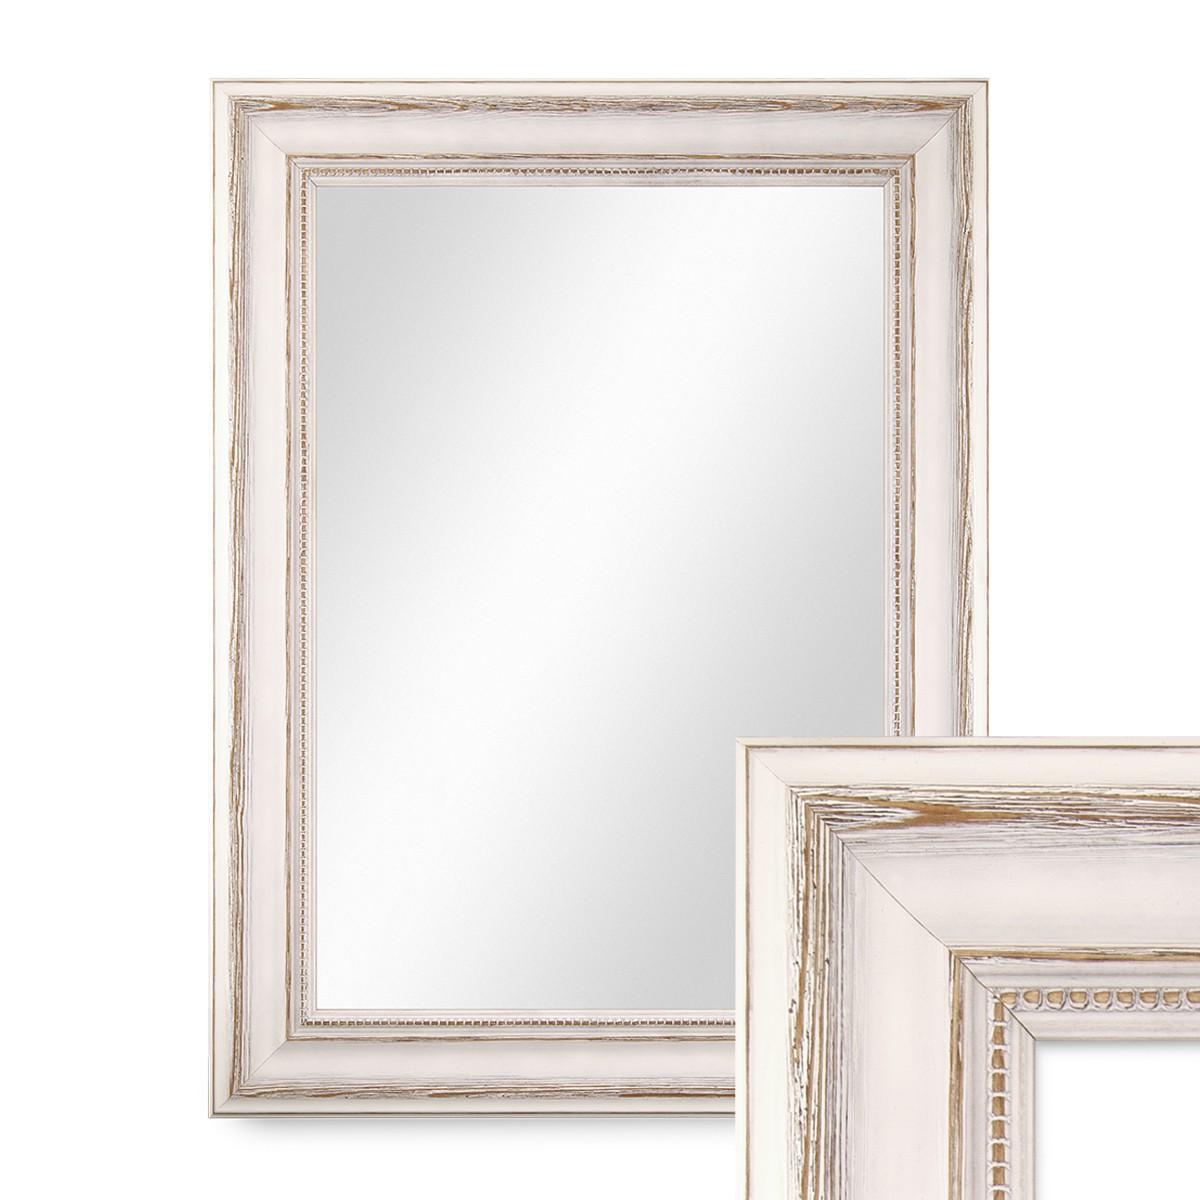 spiegel landhaus barock breit vintage holz gold silber braun weiss rahmen ebay. Black Bedroom Furniture Sets. Home Design Ideas